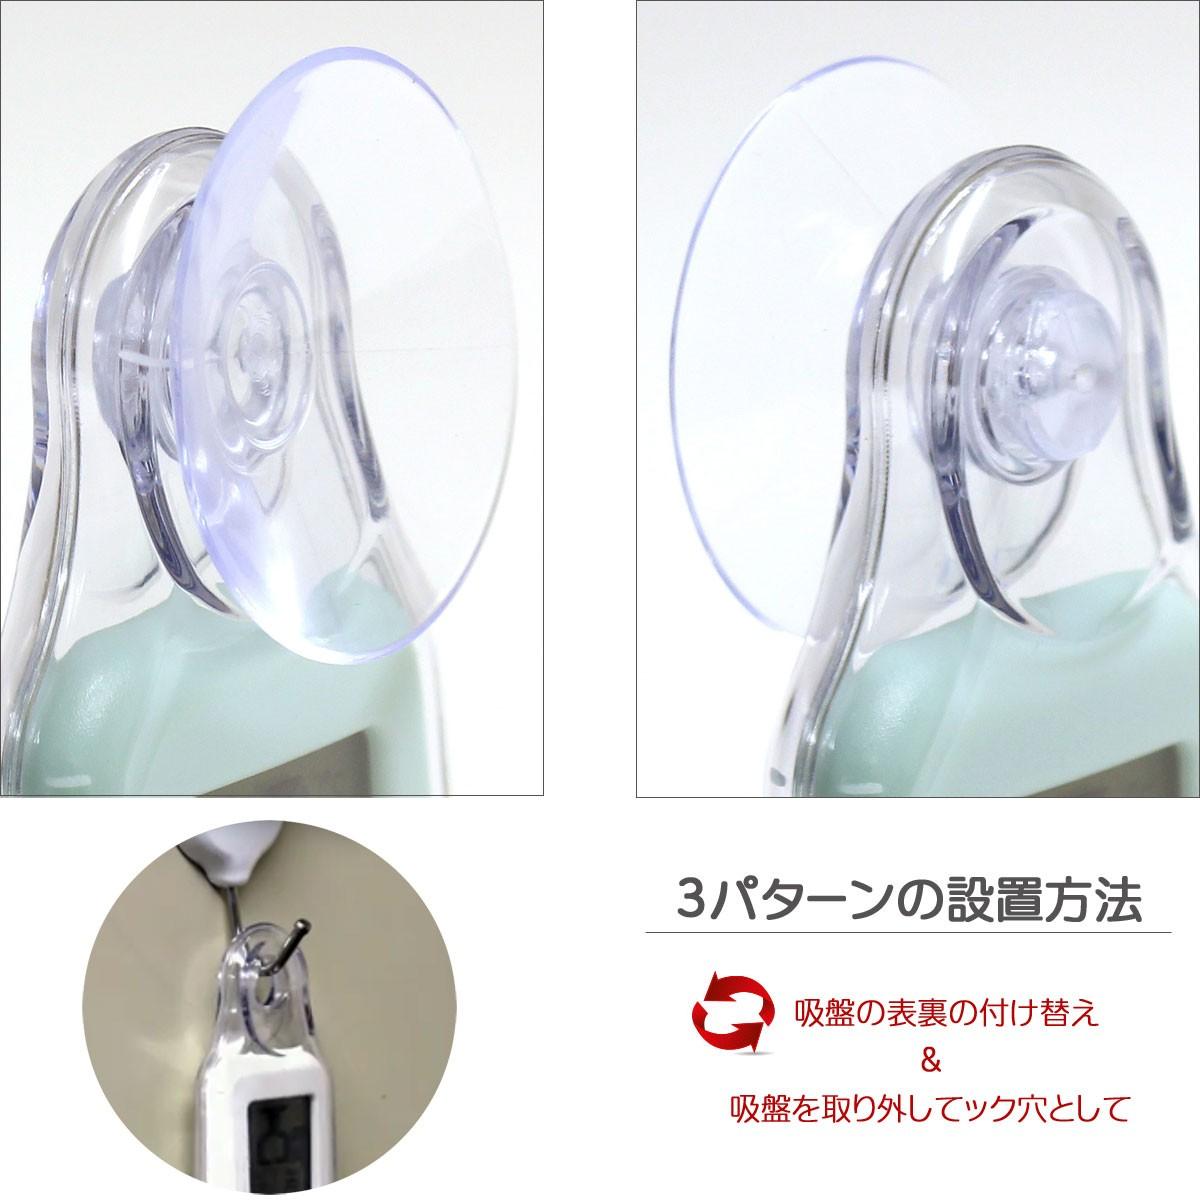 吸盤を貼り替えられるデジタル温度計